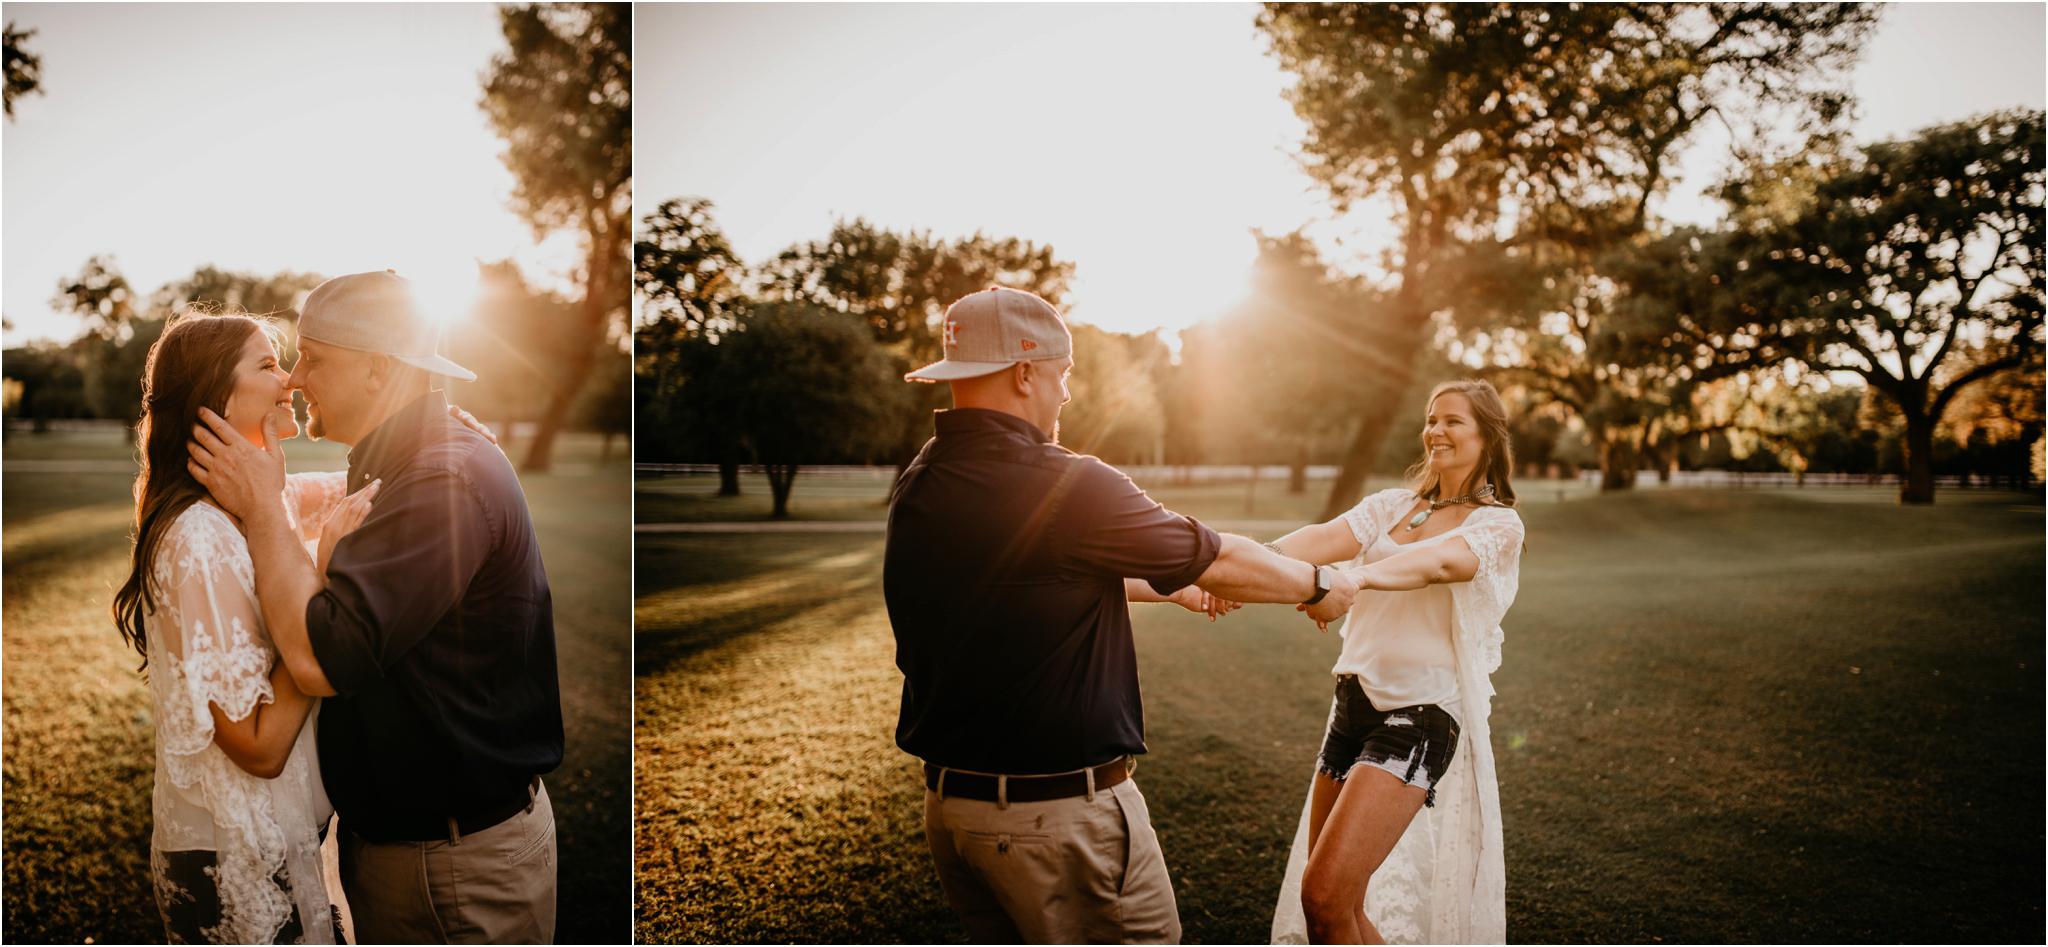 katie-and-eric-houston-oaks-engagement-session-houston-wedding-photographer-026.jpg